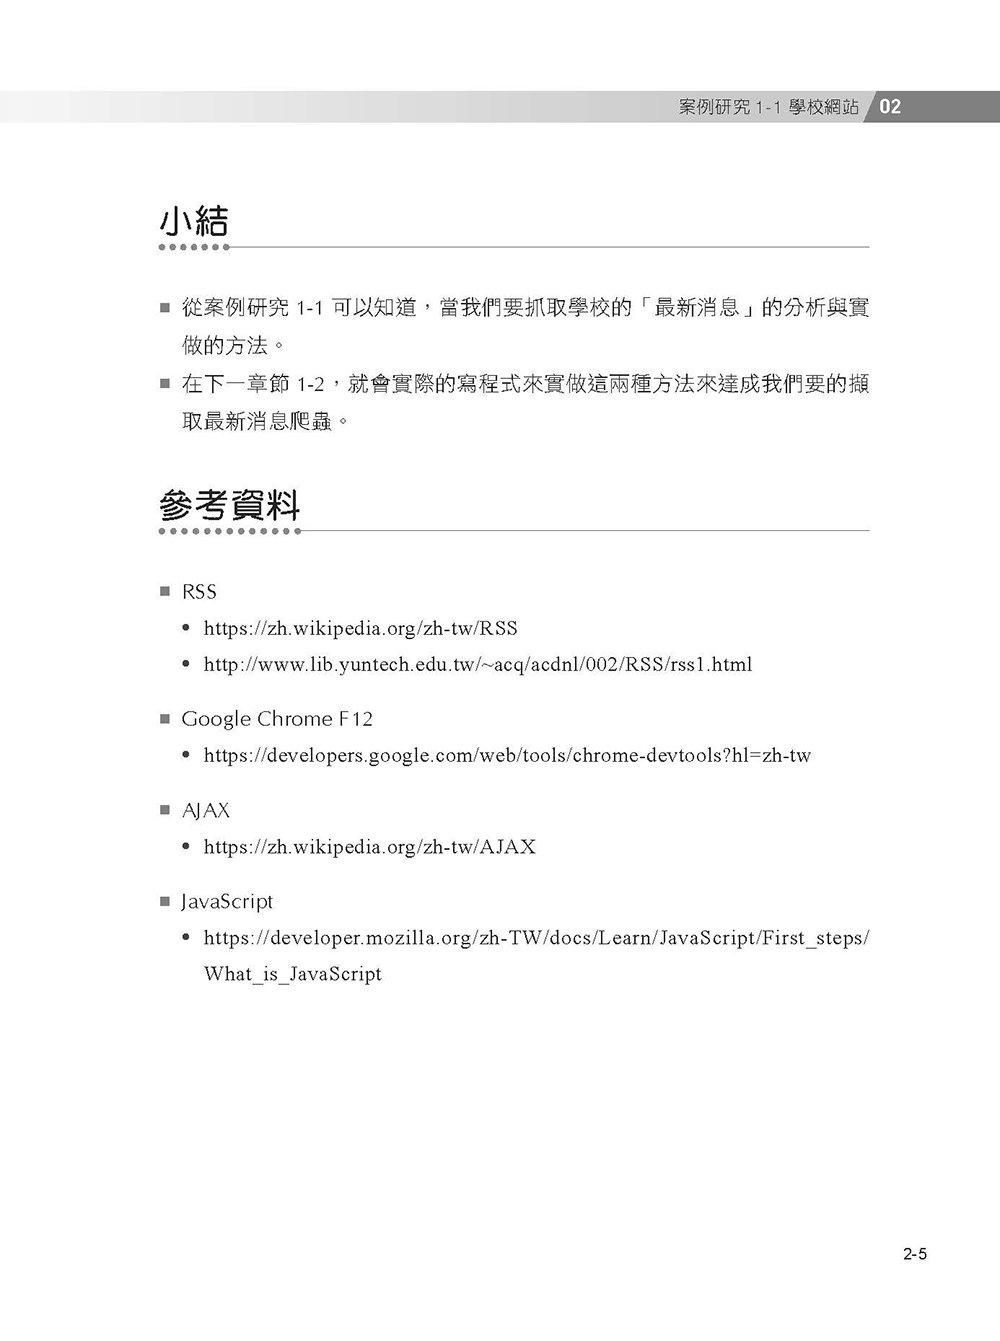 PHP 網路爬蟲開發:入門到進階的爬蟲技術指南(iT邦幫忙鐵人賽系列書)-preview-14